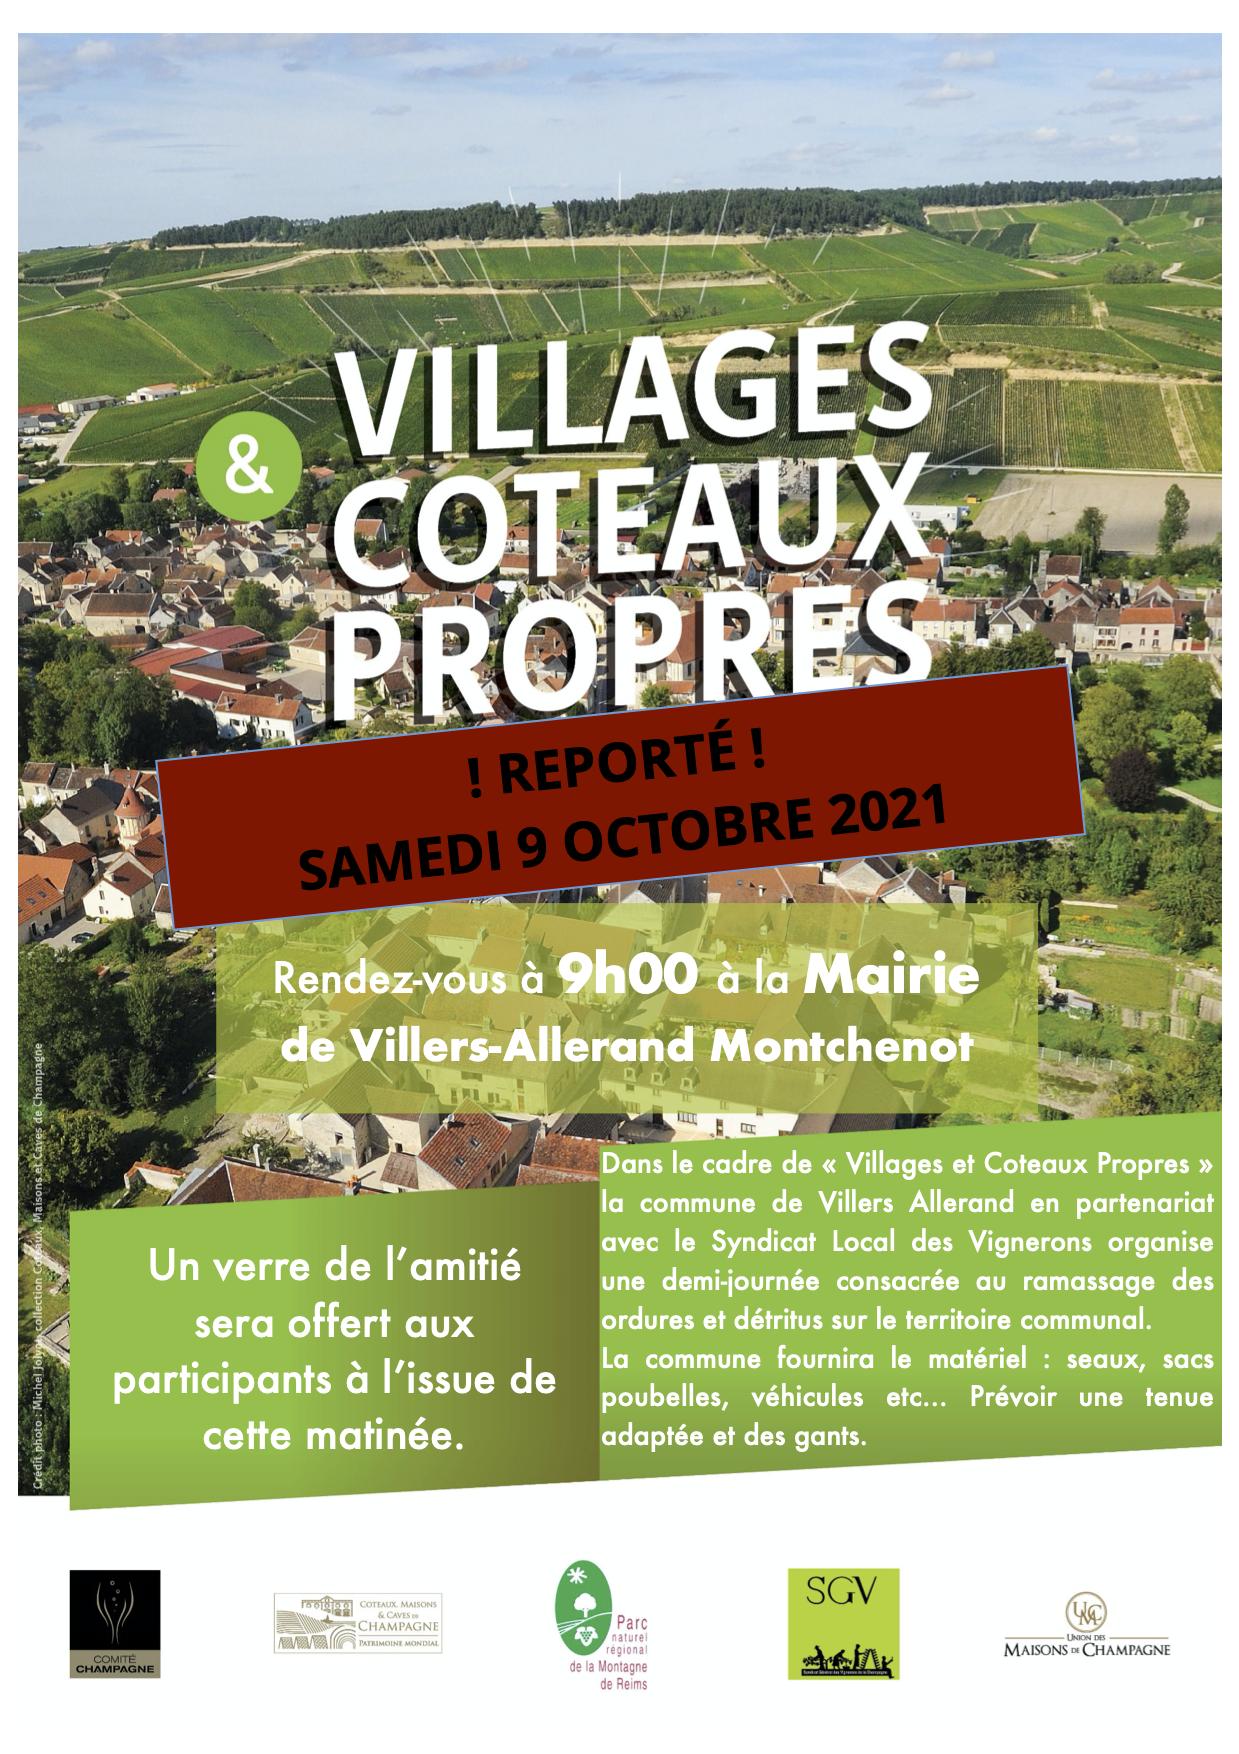 Villages et Coteaux Propres @ Mairie de Villers-Allerand Montchenot | Villers-Allerand | Grand Est | France